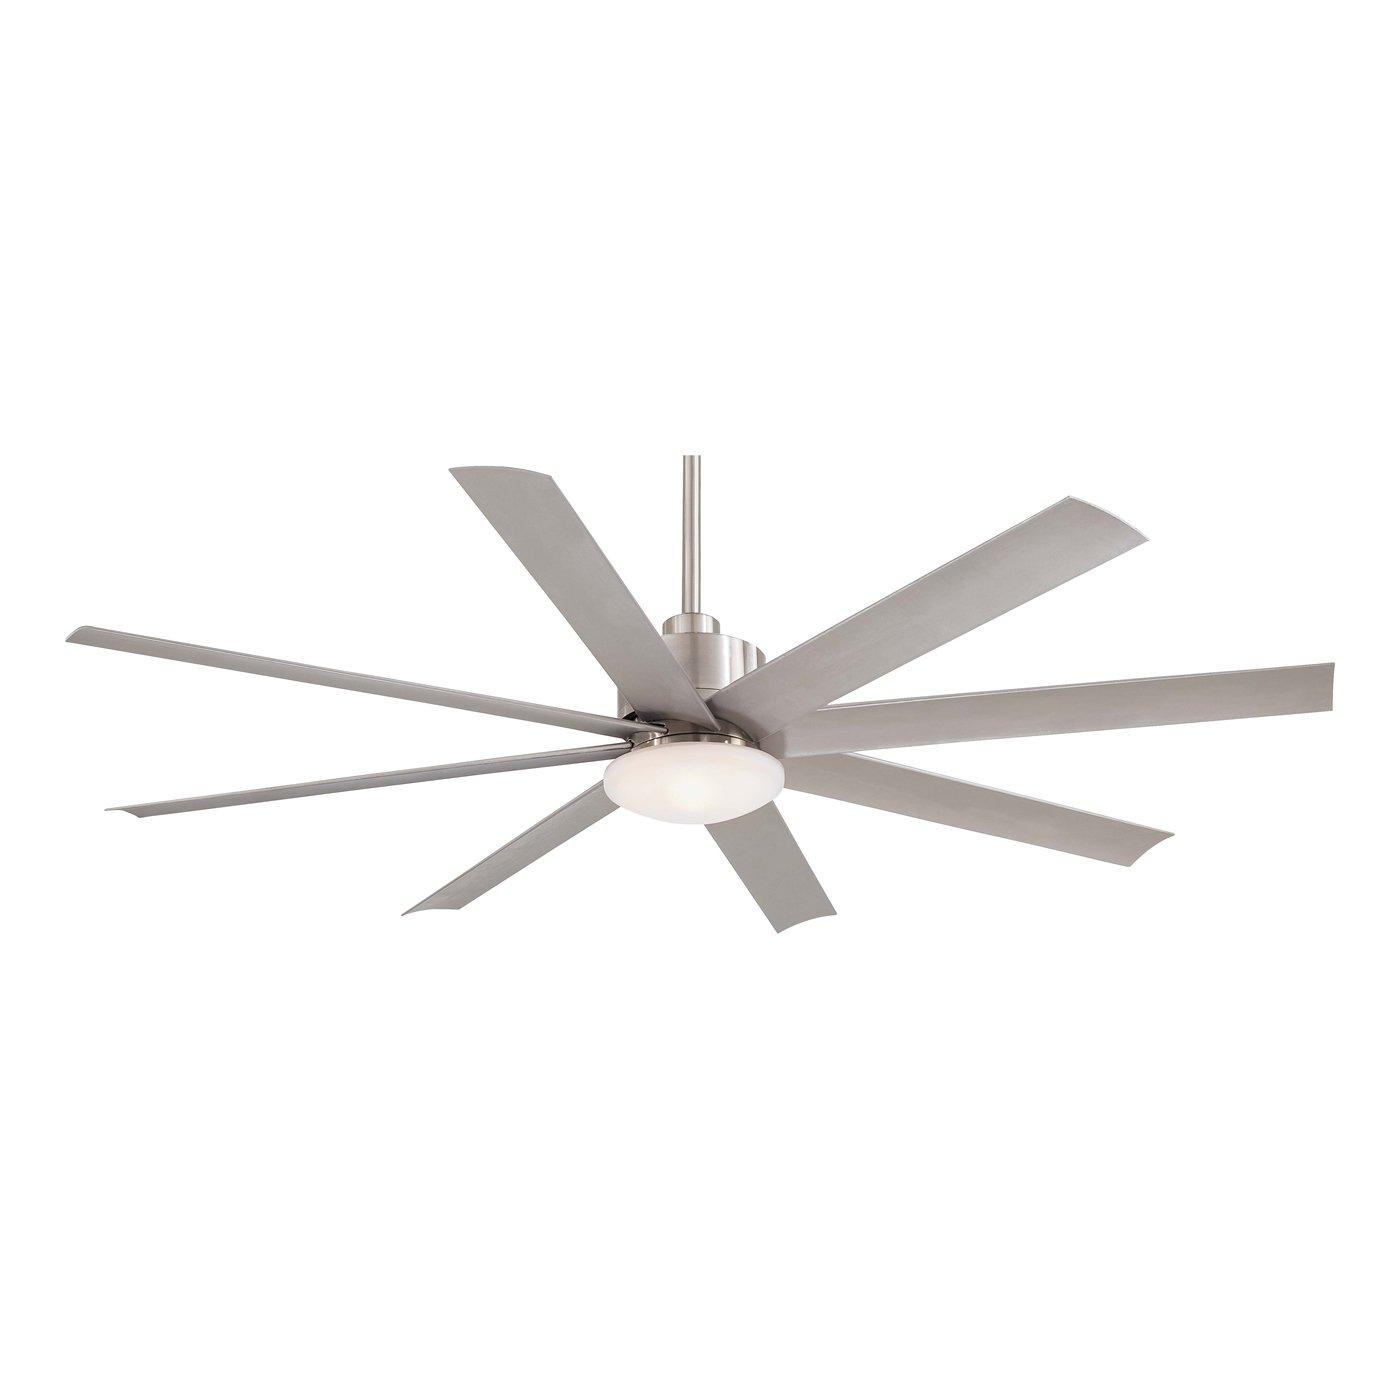 8 blade ceiling fan photo - 2